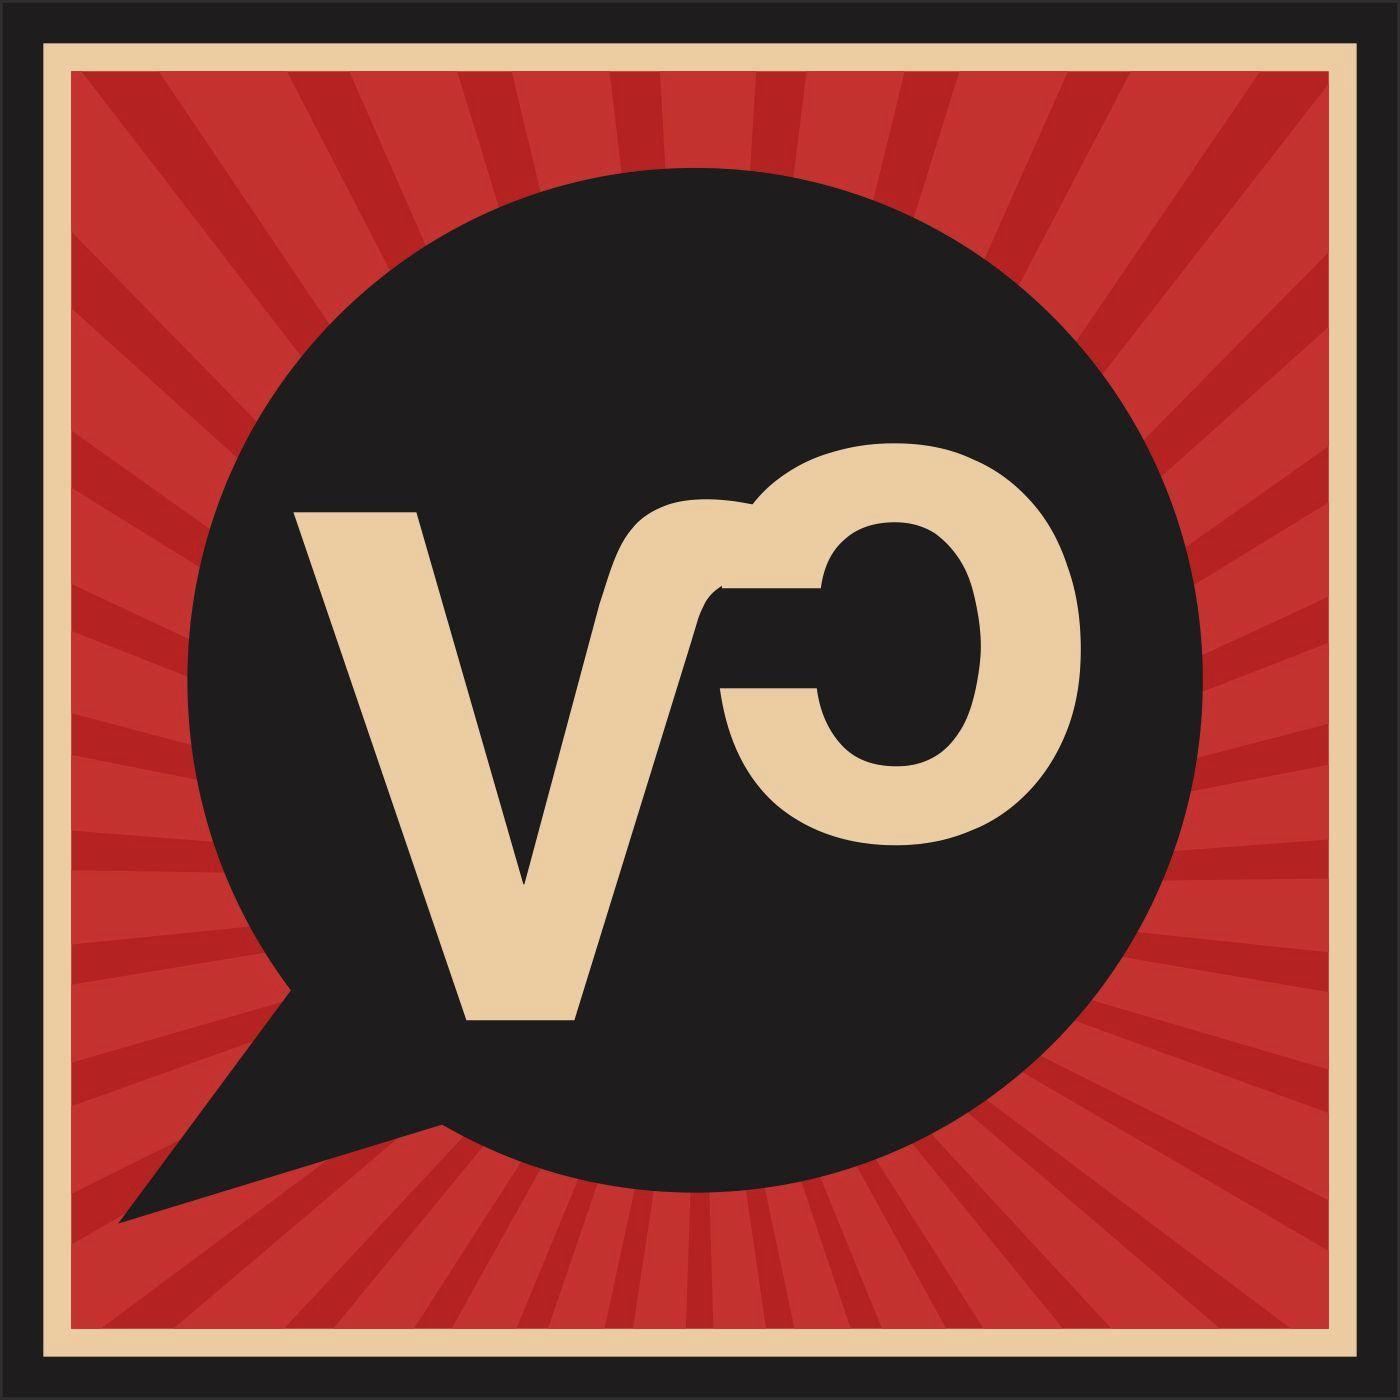 Viracasacas Podcast show art